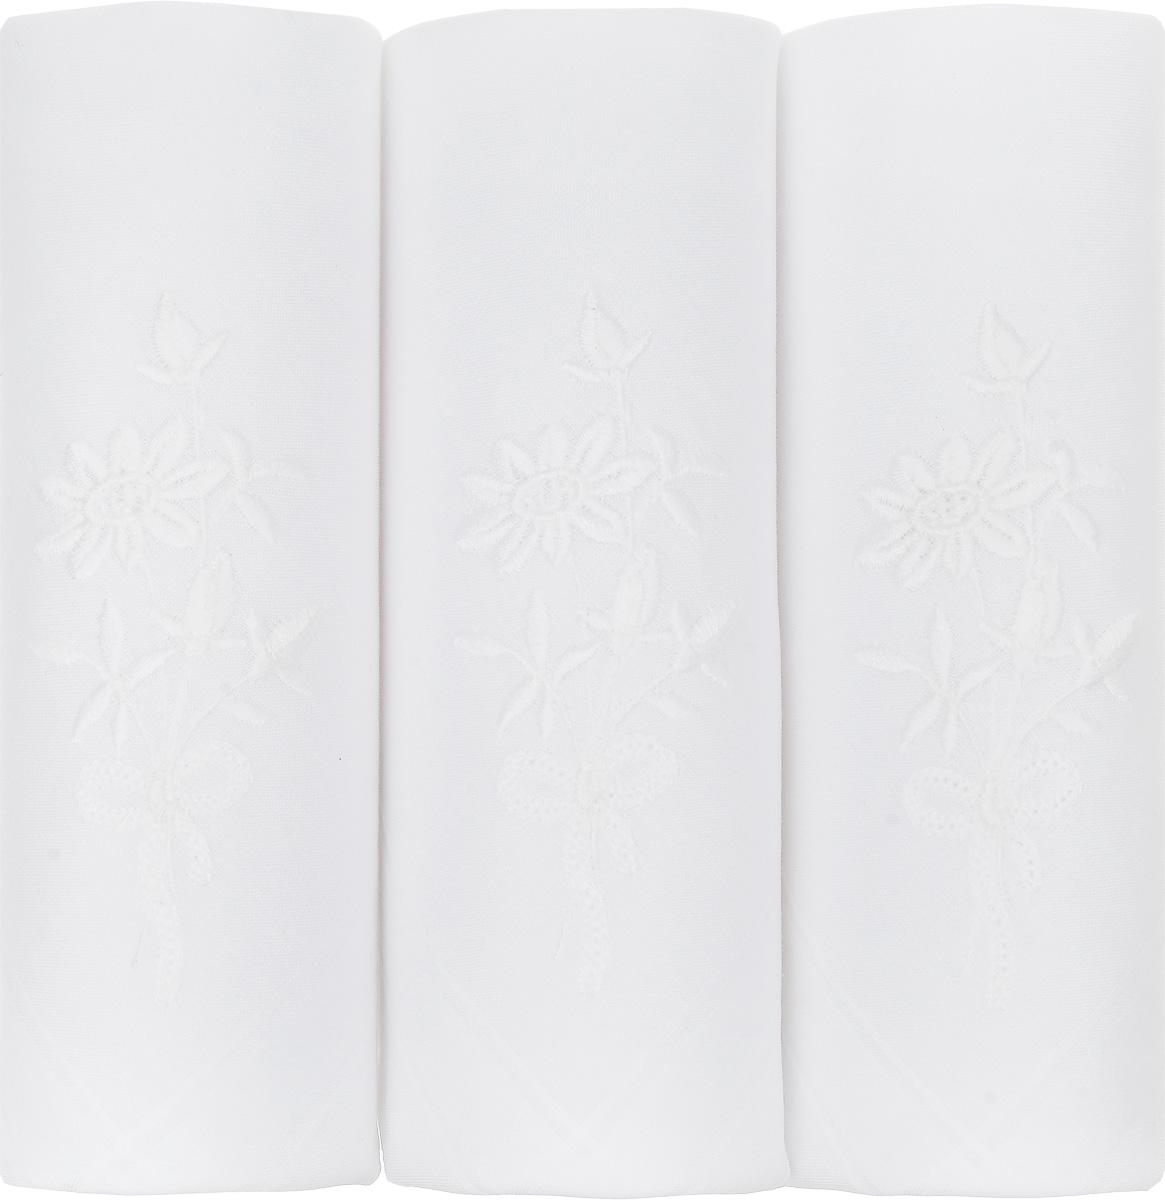 Платок носовой женский Zlata Korunka, цвет: белый, 3 шт. 06601-1. Размер 30 см х 30 см06601-1Небольшой женский носовой платок Zlata Korunka изготовлен из высококачественного натурального хлопка, благодаря чему приятен в использовании, хорошо стирается, не садится и отлично впитывает влагу. Практичный и изящный носовой платок будет незаменим в повседневной жизни любого современного человека. Такой платок послужит стильным аксессуаром и подчеркнет ваше превосходное чувство вкуса. В комплекте 3 платка.